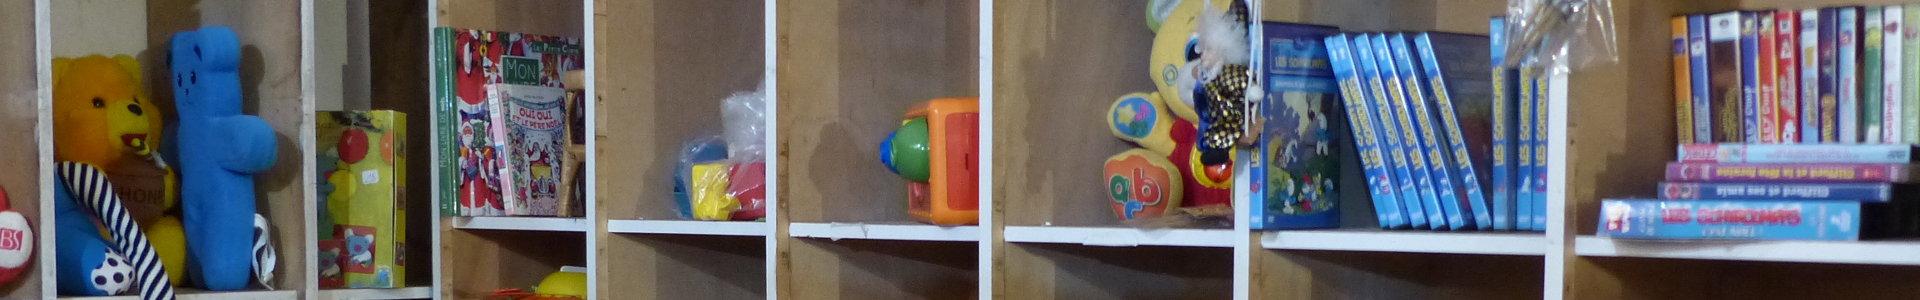 Un coin jouets pour les enfants